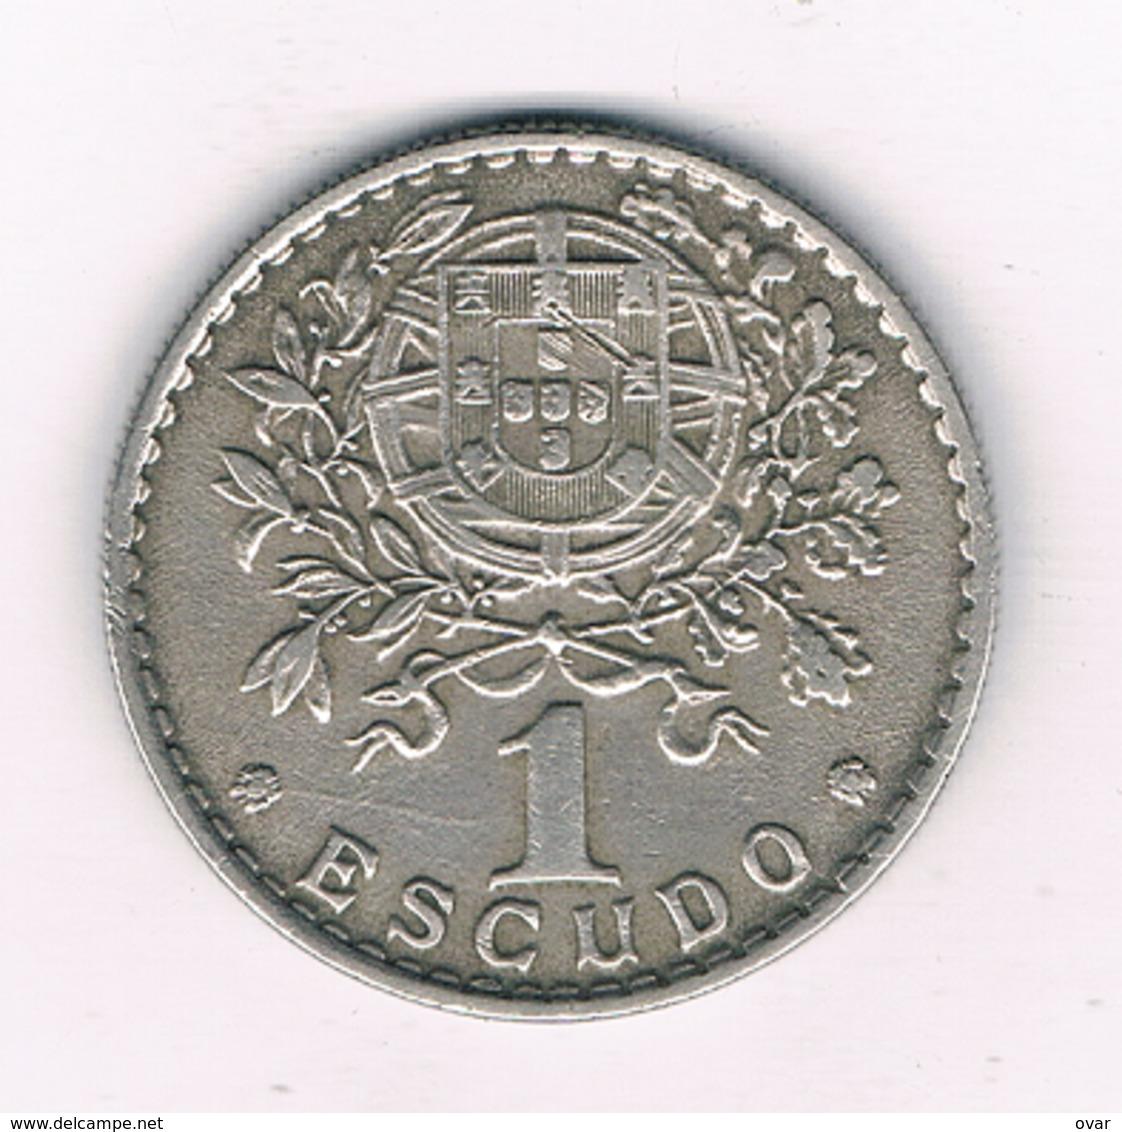 1 ESCUDO 1959 PORTUGAL /9206/ - Portugal